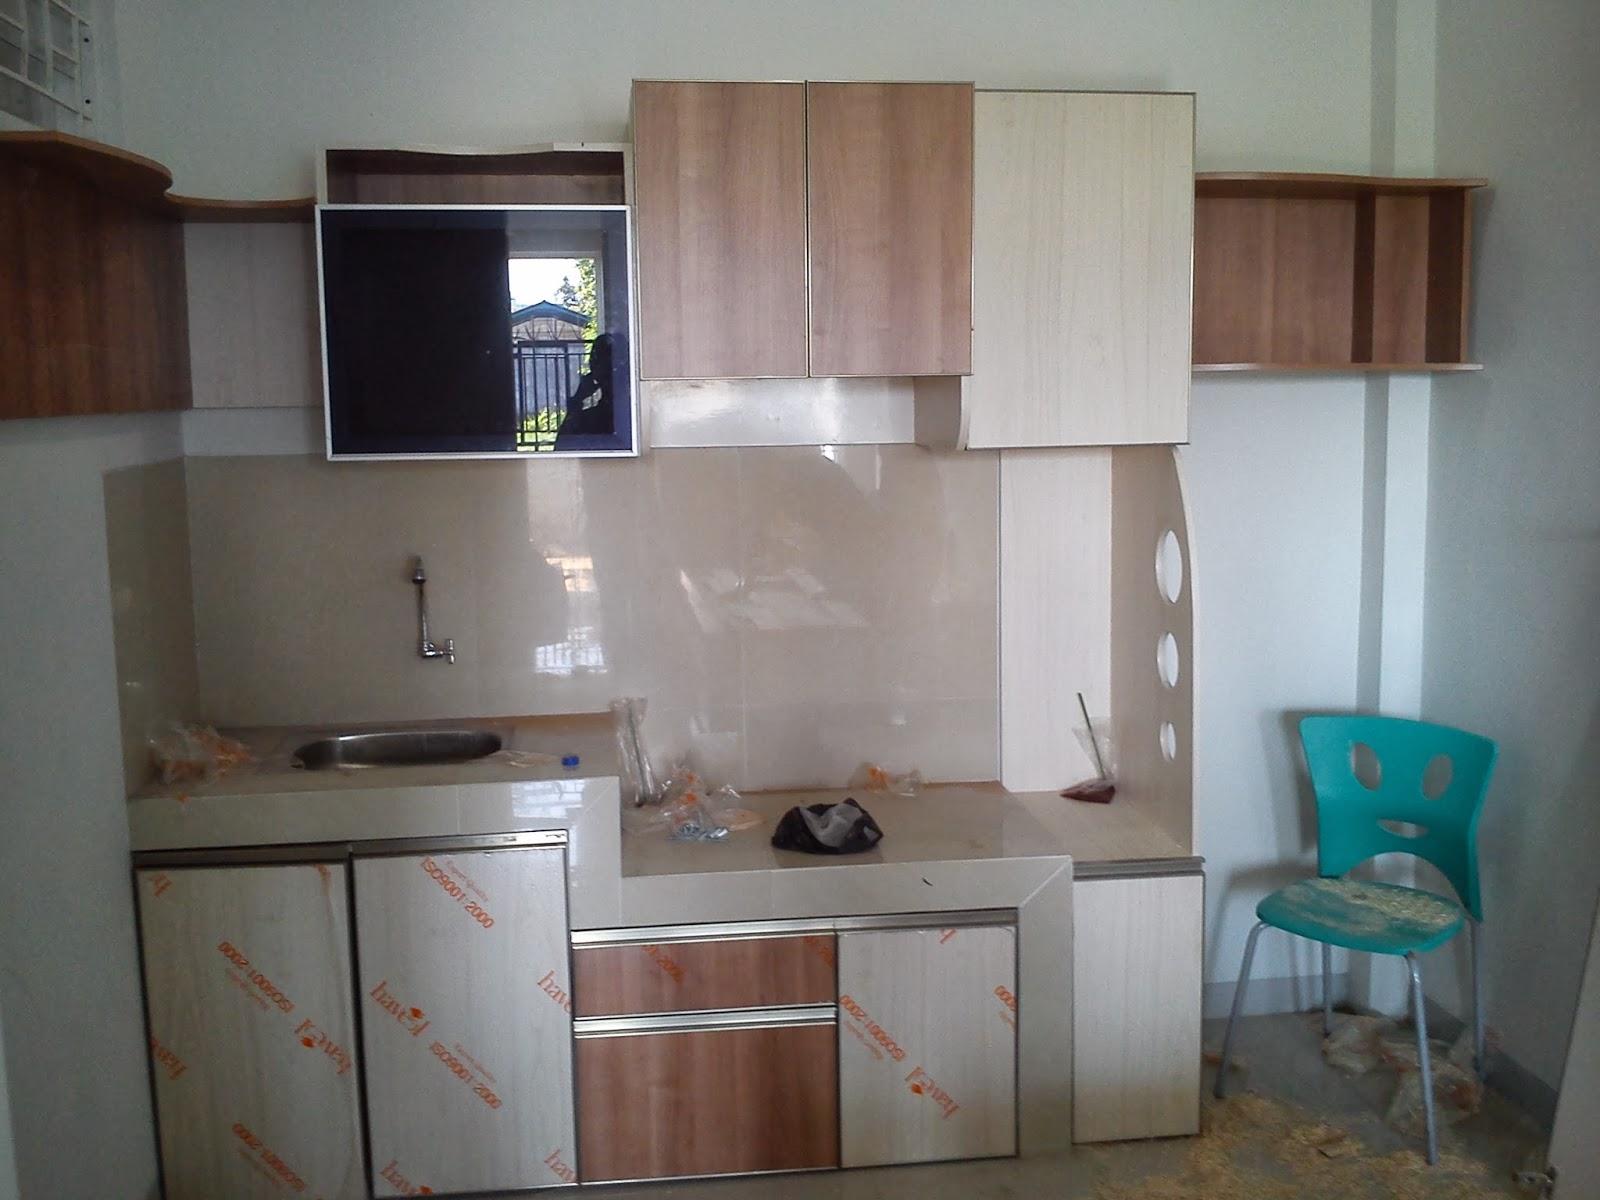 Jasa kitchenset solo desain kitchenset solo for Kitchen set jadi